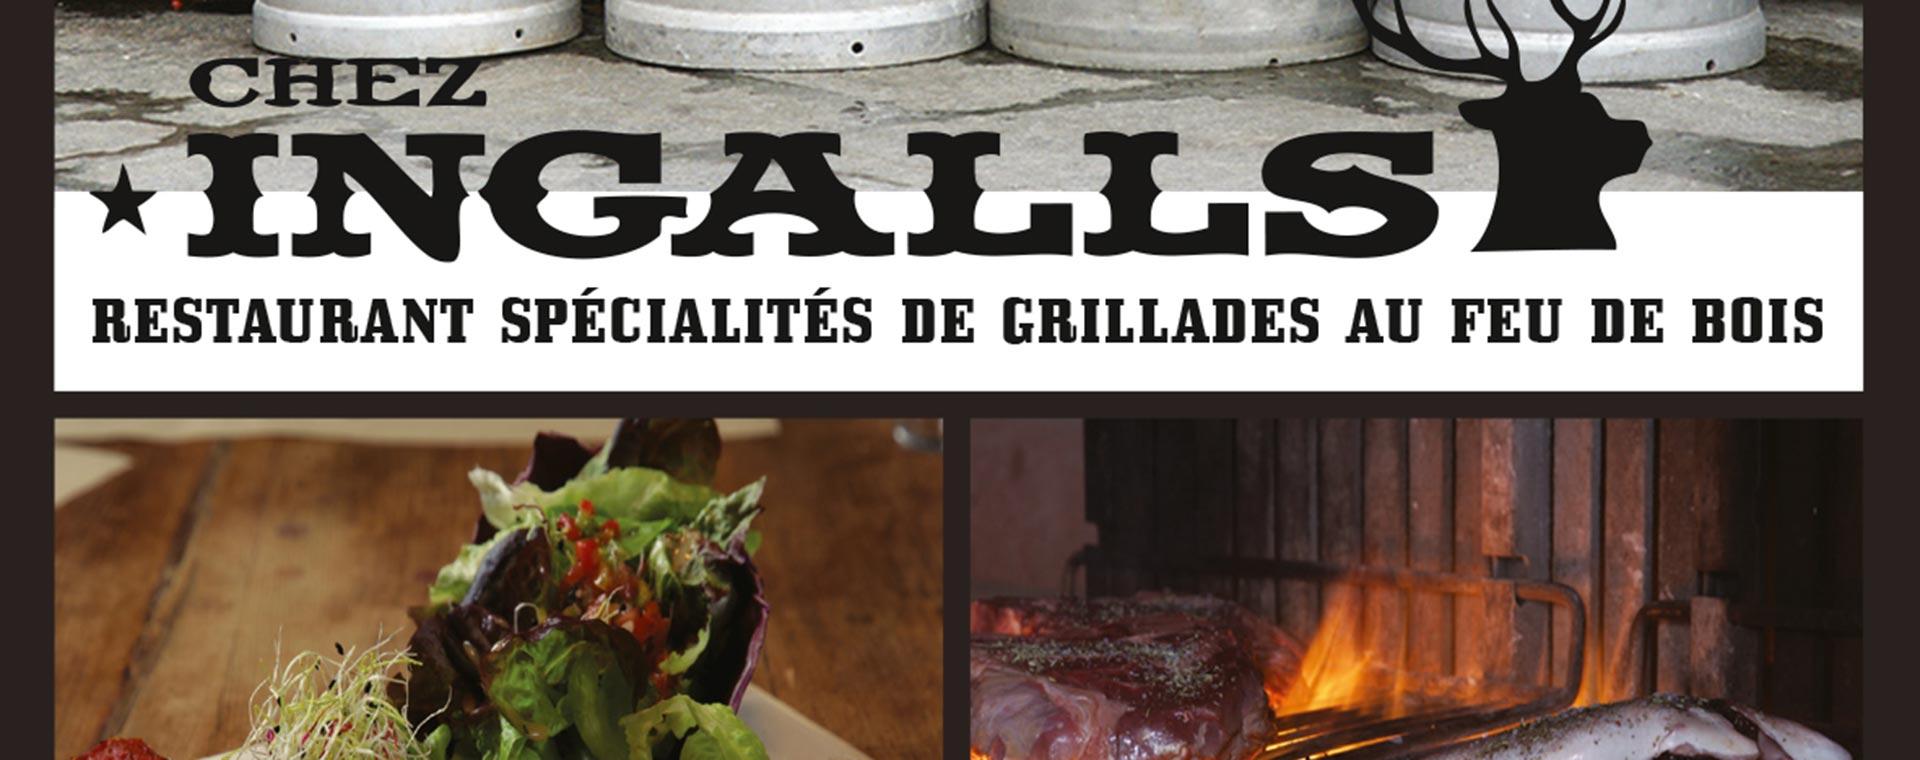 Bandeau Restaurant Chez Ingalls